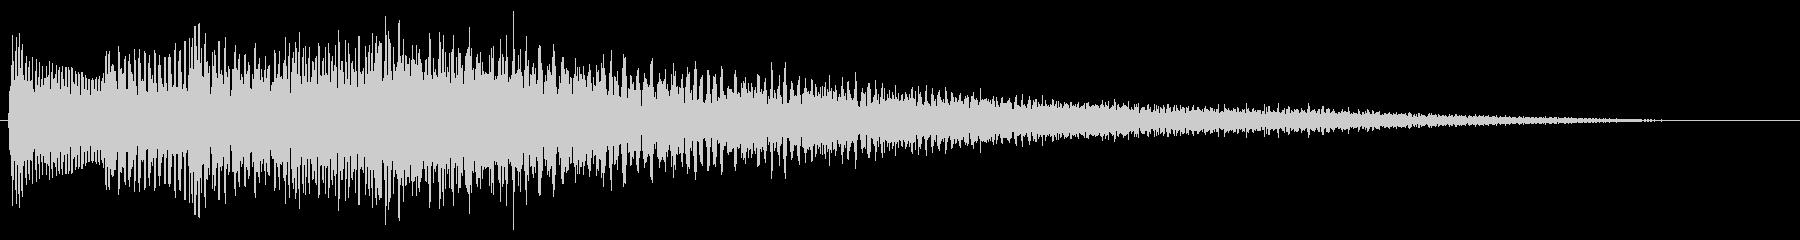 【ピアノ生演奏】イントロっぽいジングルの未再生の波形